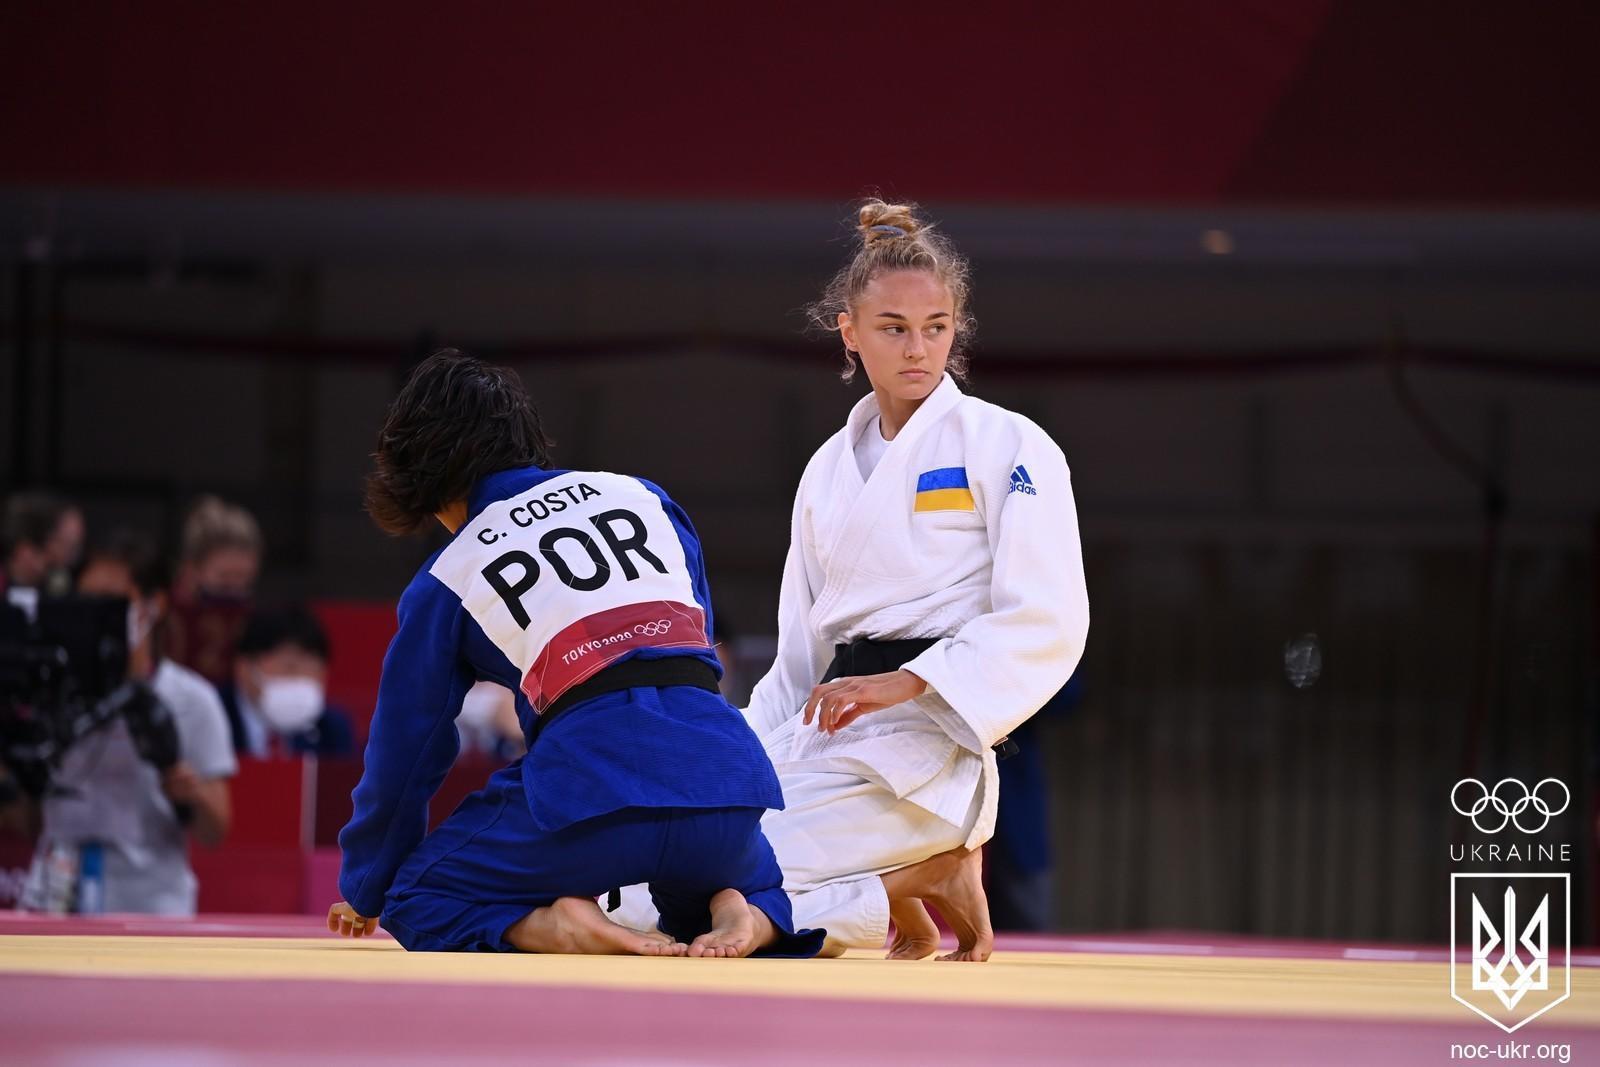 Украинская дзюдоистка Дарья Билодид выборола для Украины бронзовую медаль на Олимпиаде-2020